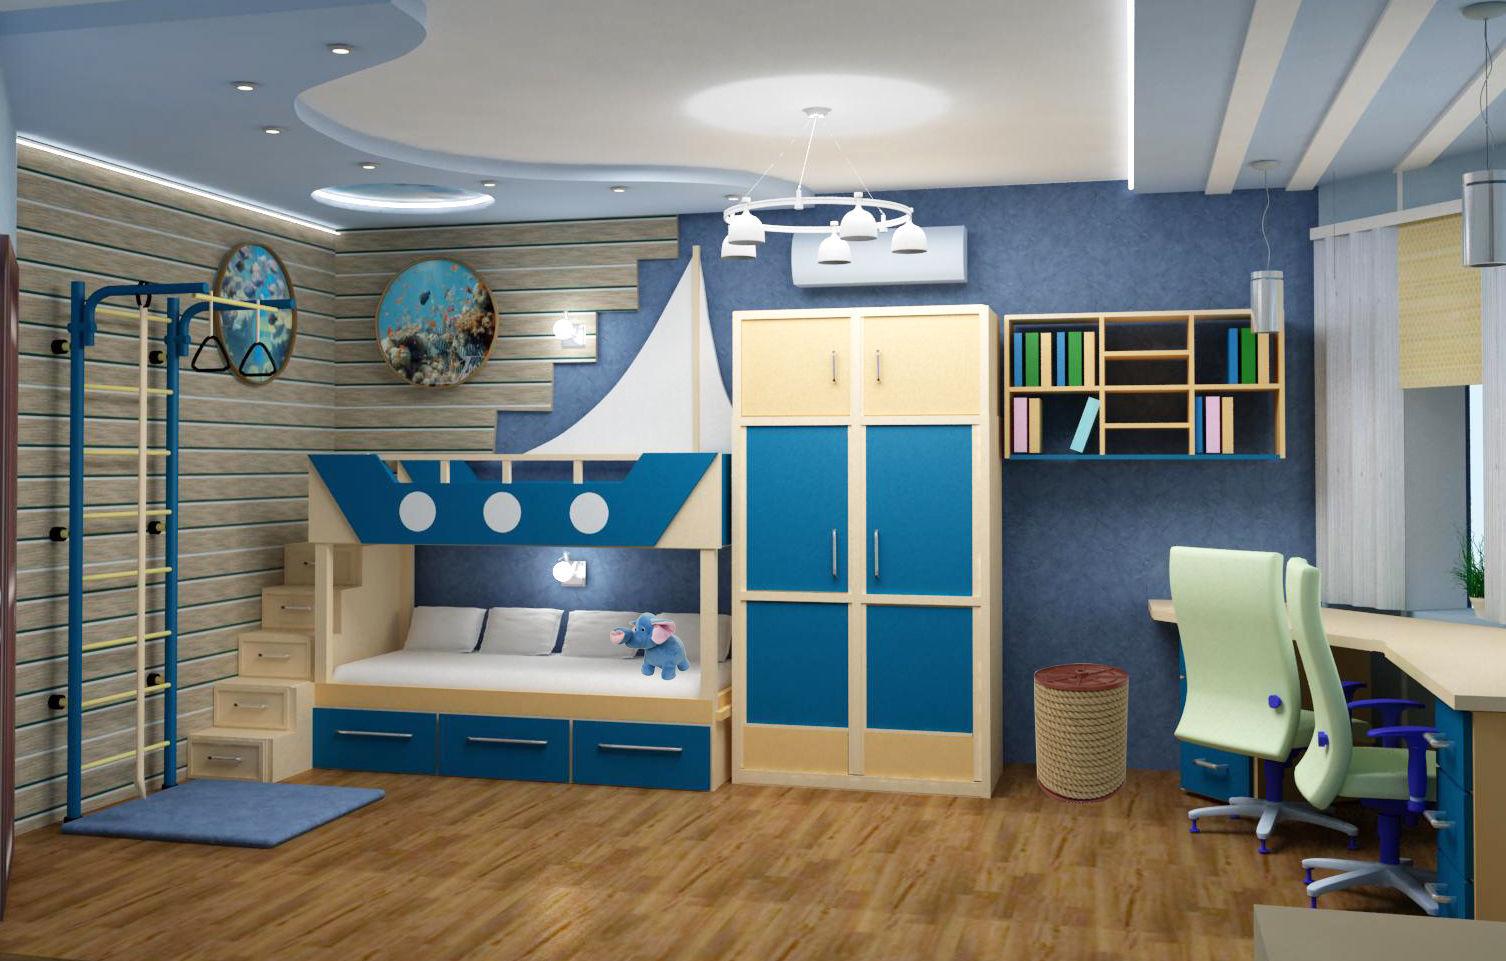 функциональный интерьер детской комнаты для мальчиков фото